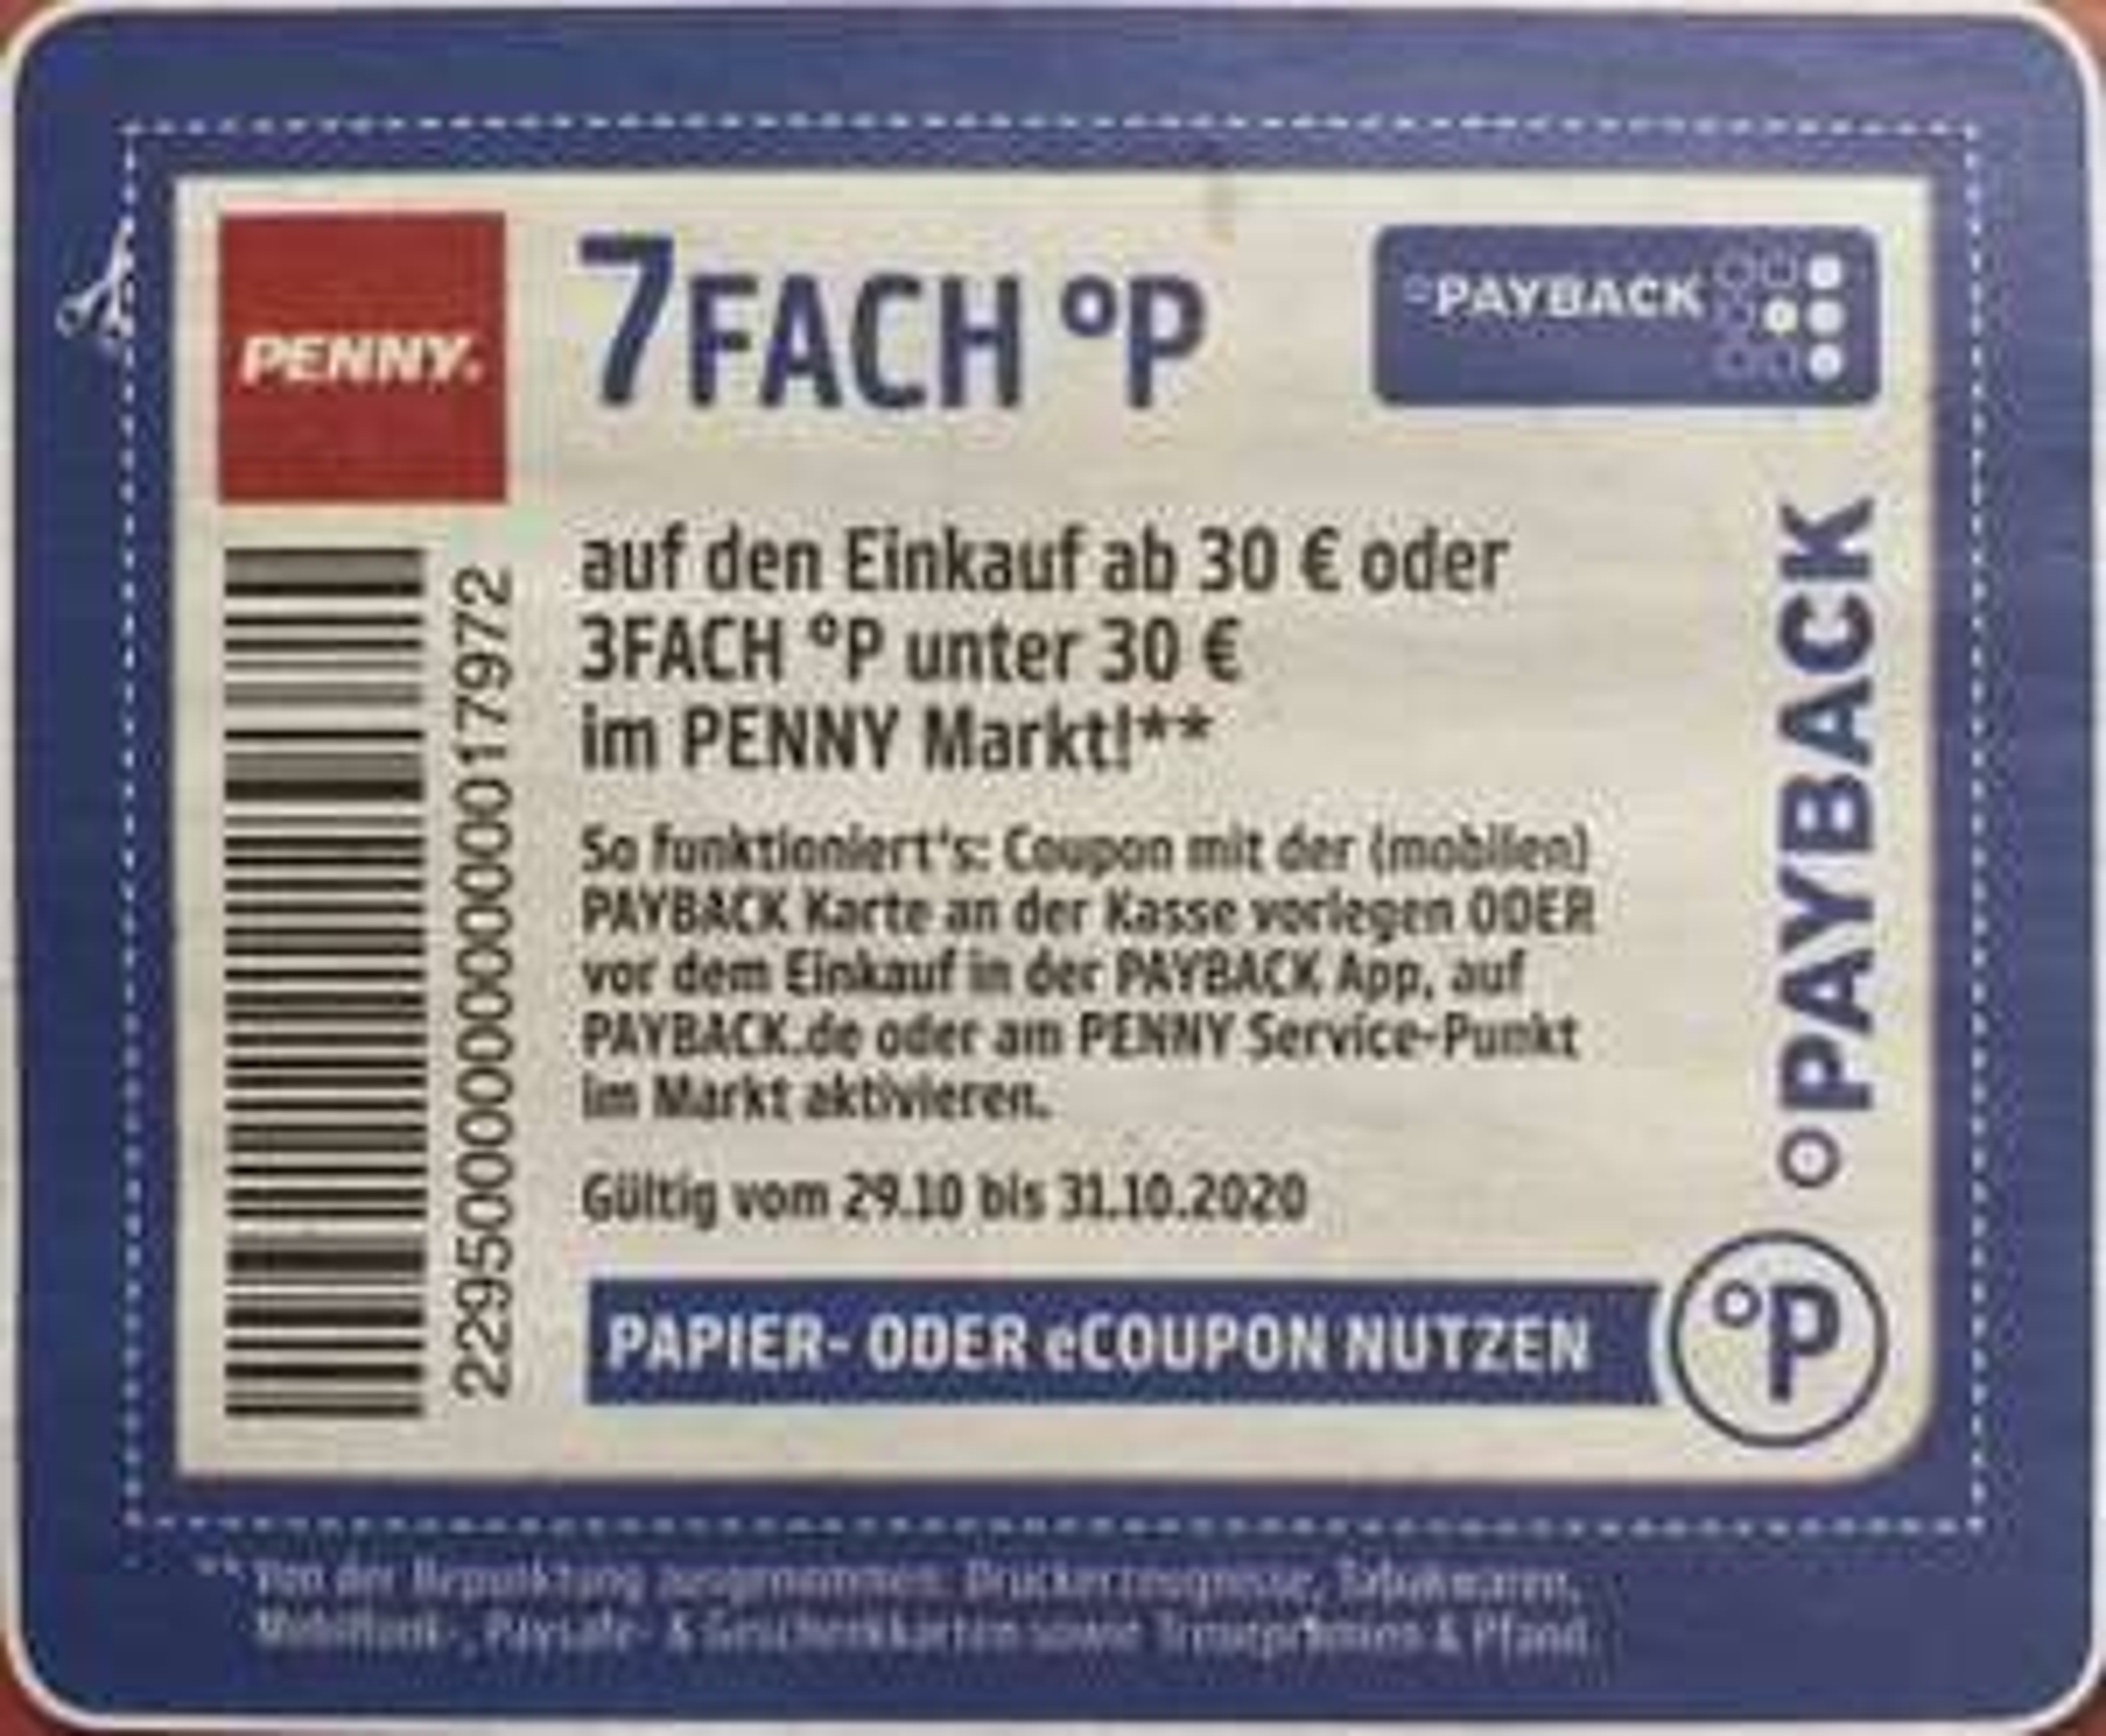 [Penny] bis zu 7fach Payback-Punkte vom 29.-31.10. | 10fach auf Schoki (für gesamte KW44)